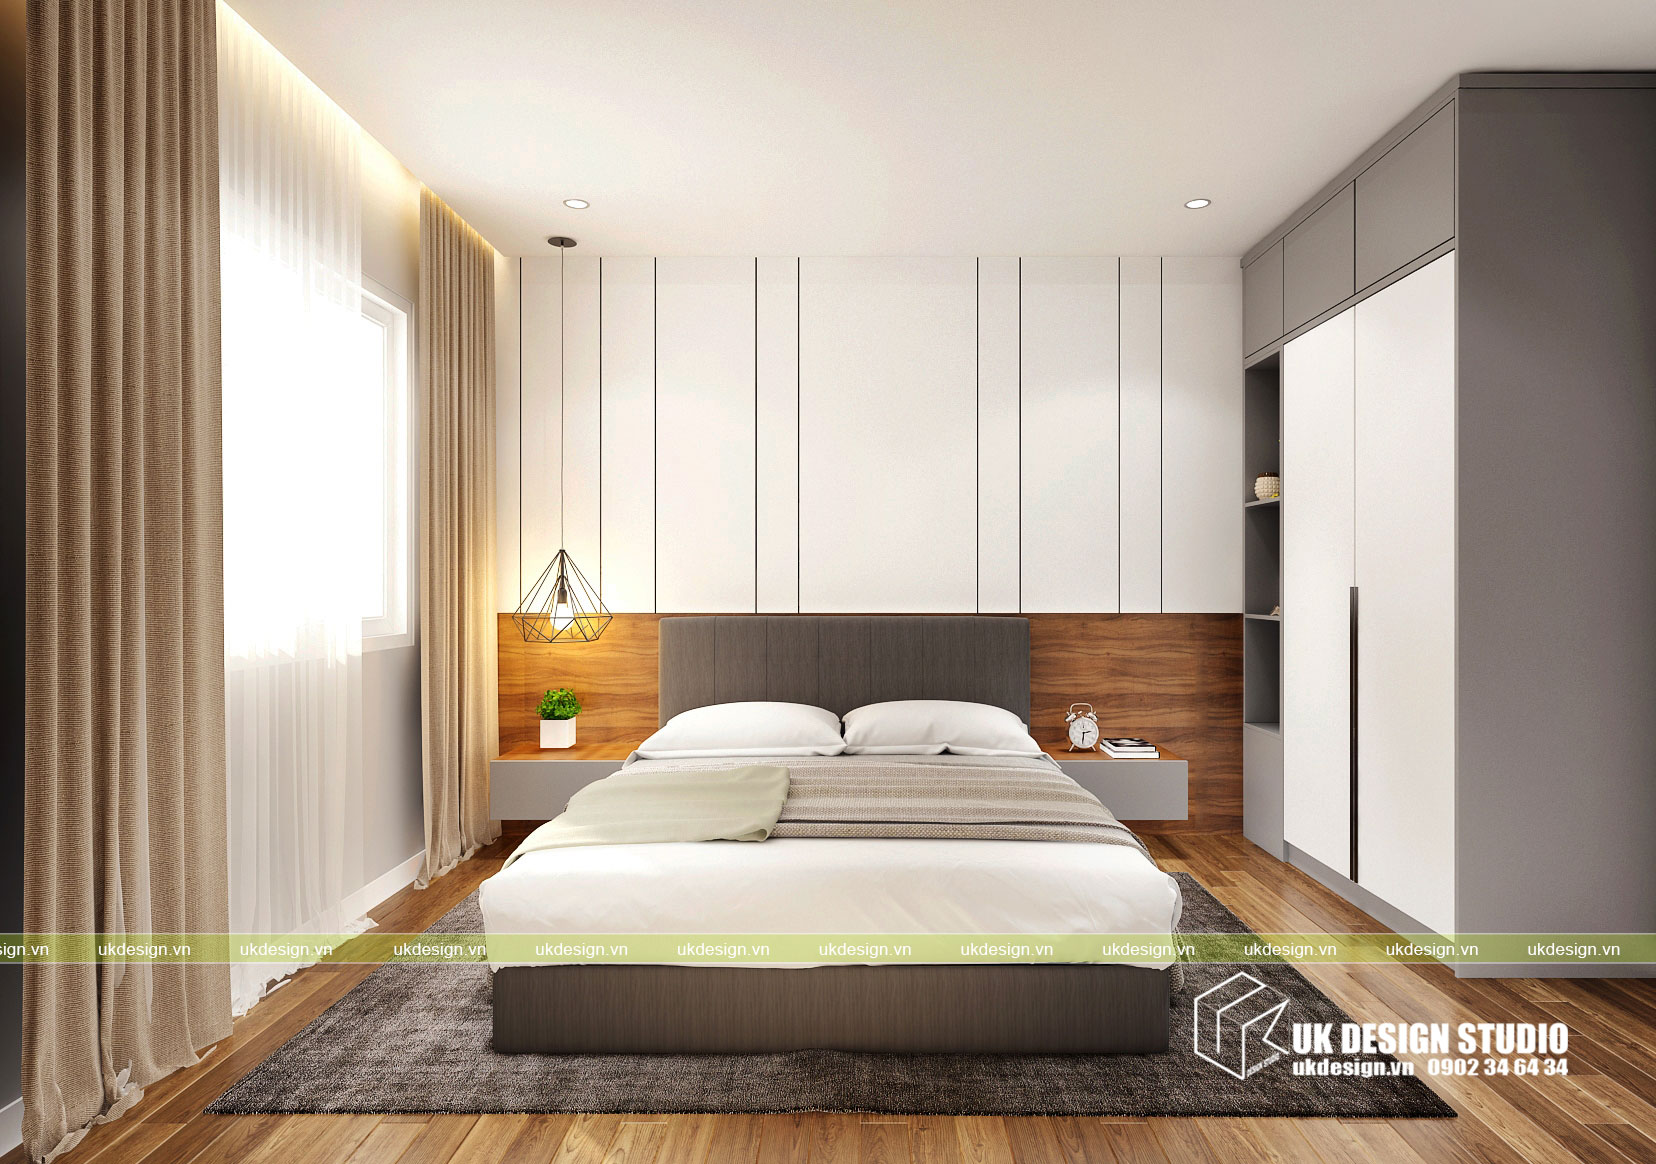 Thiết kế nội thất căn hộ 2 phòng ngủ 6